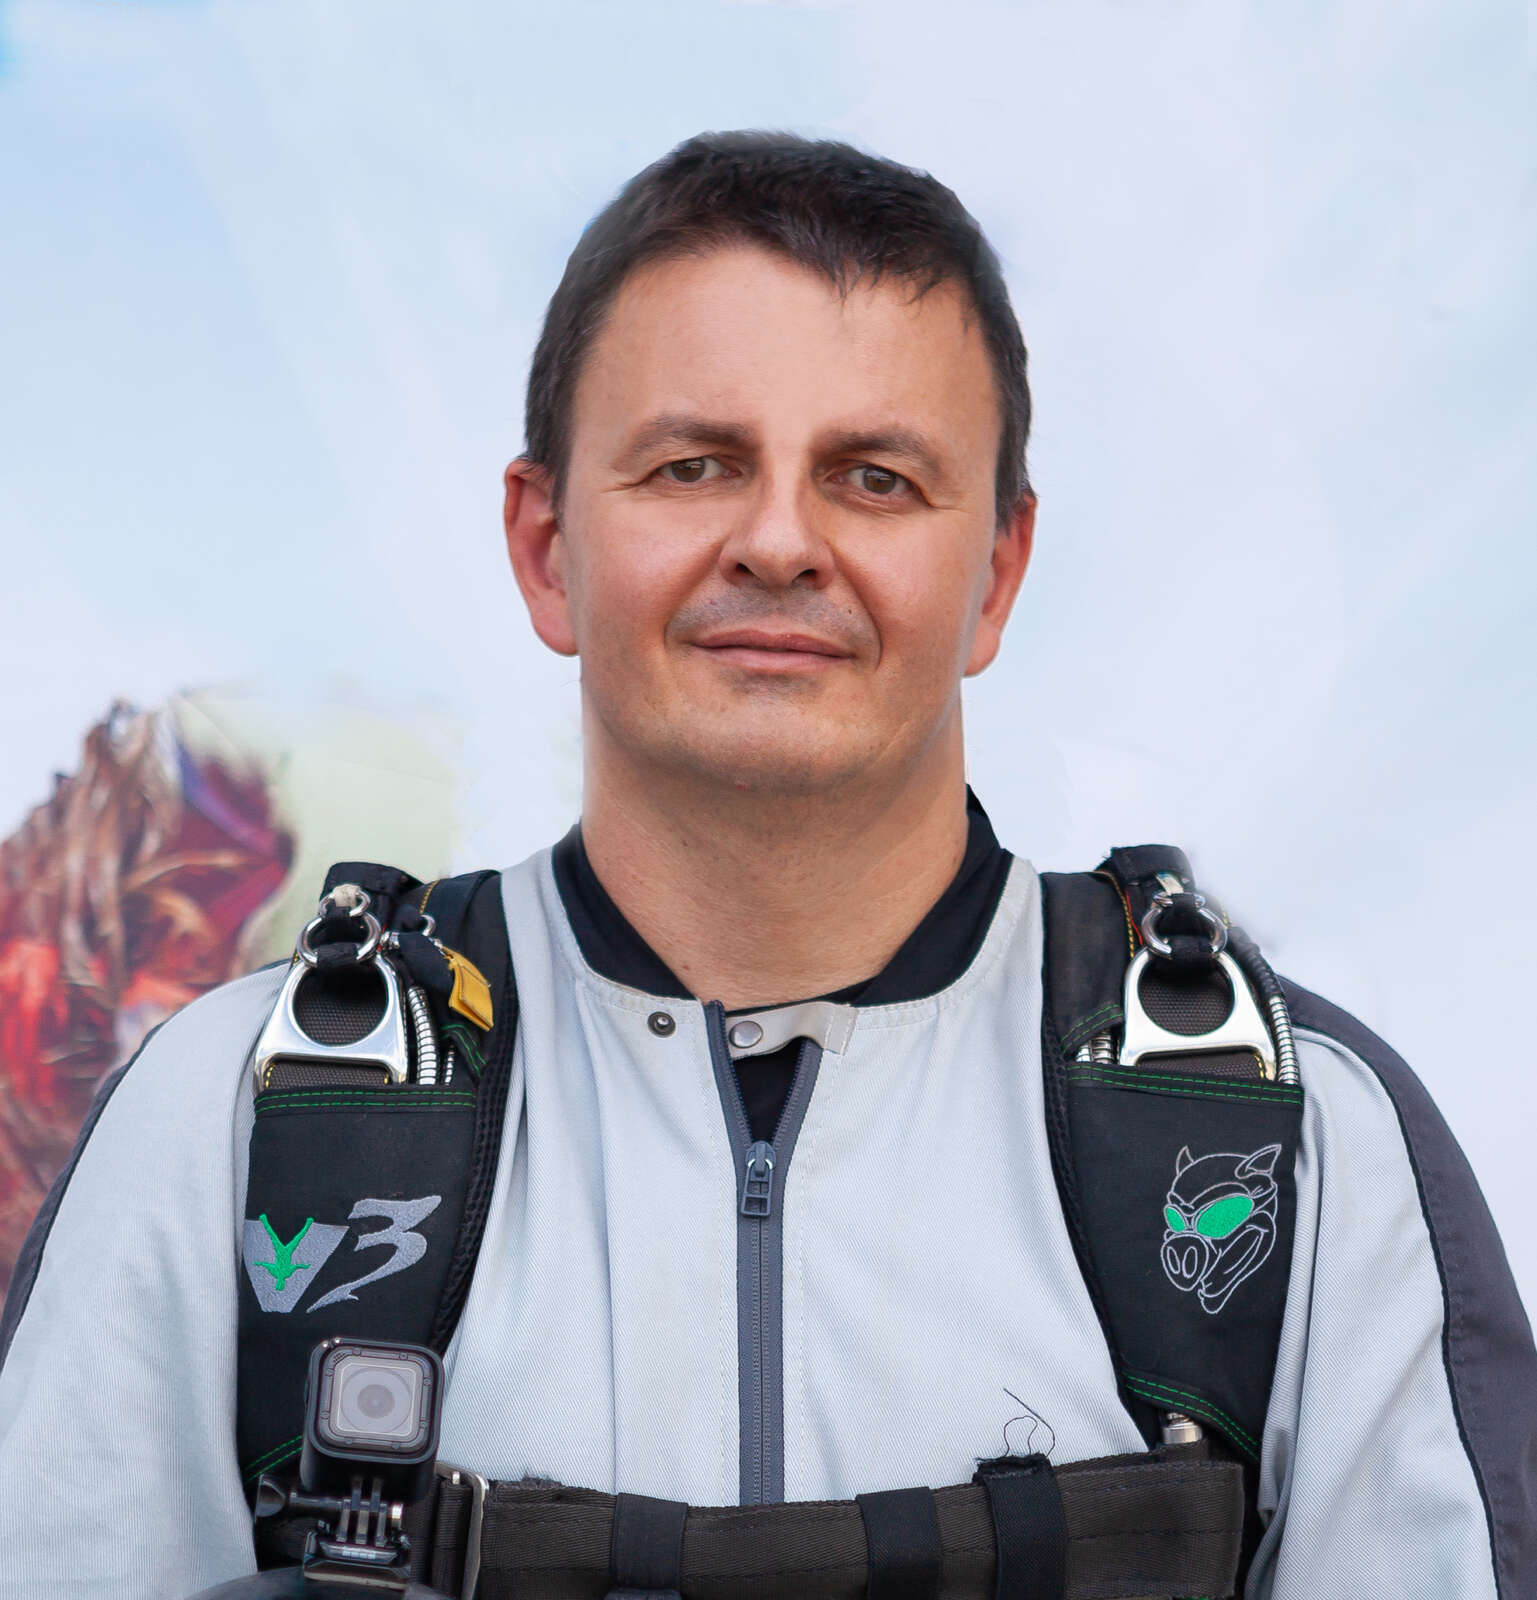 Dmytro Hribinik